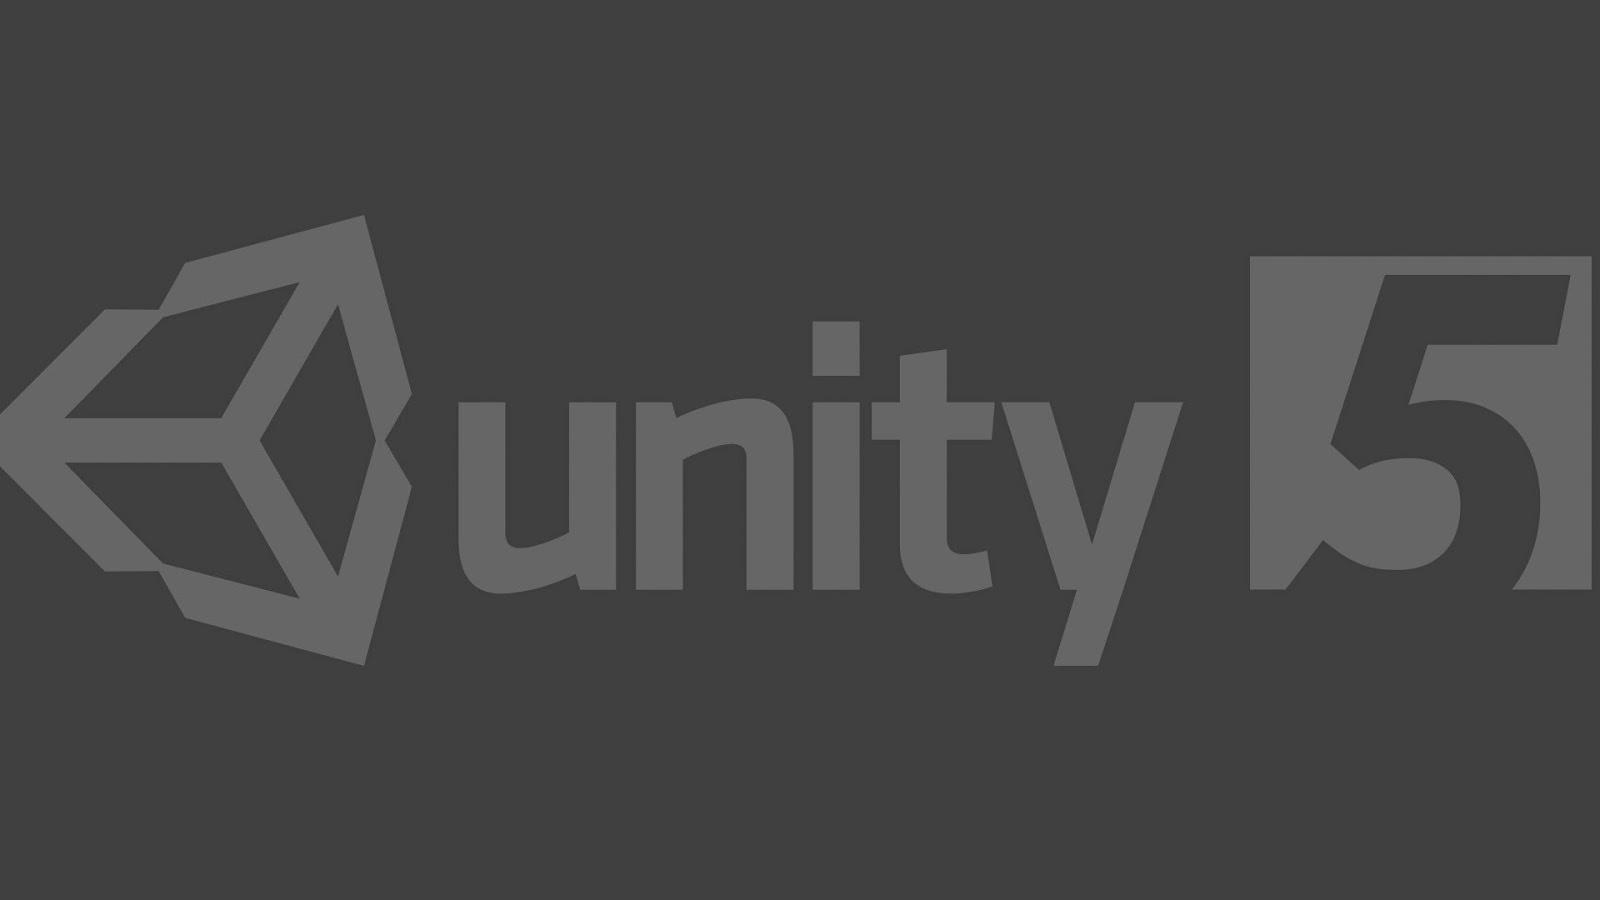 Curso Unity 5 creando un juego para Pc gratis